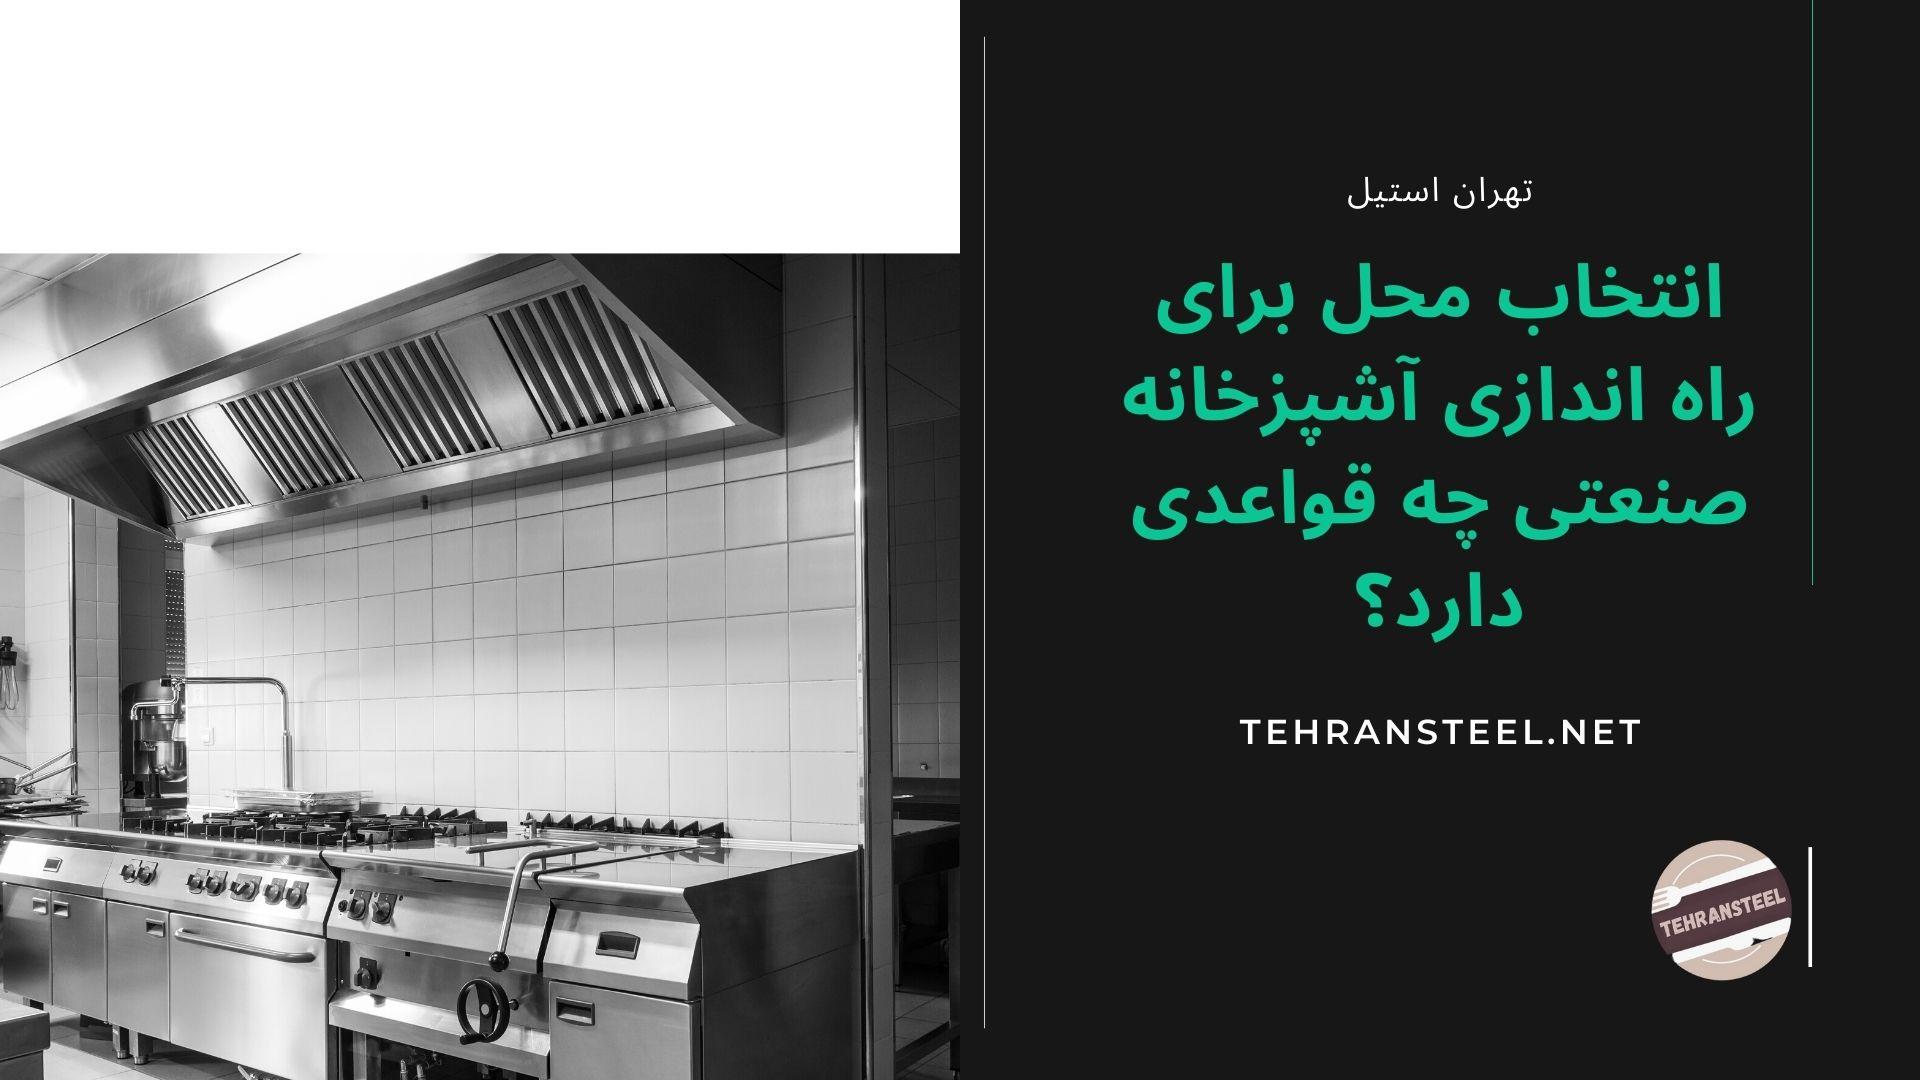 انتخاب محل برای راه اندازی آشپزخانه صنعتی چه قواعدی دارد؟